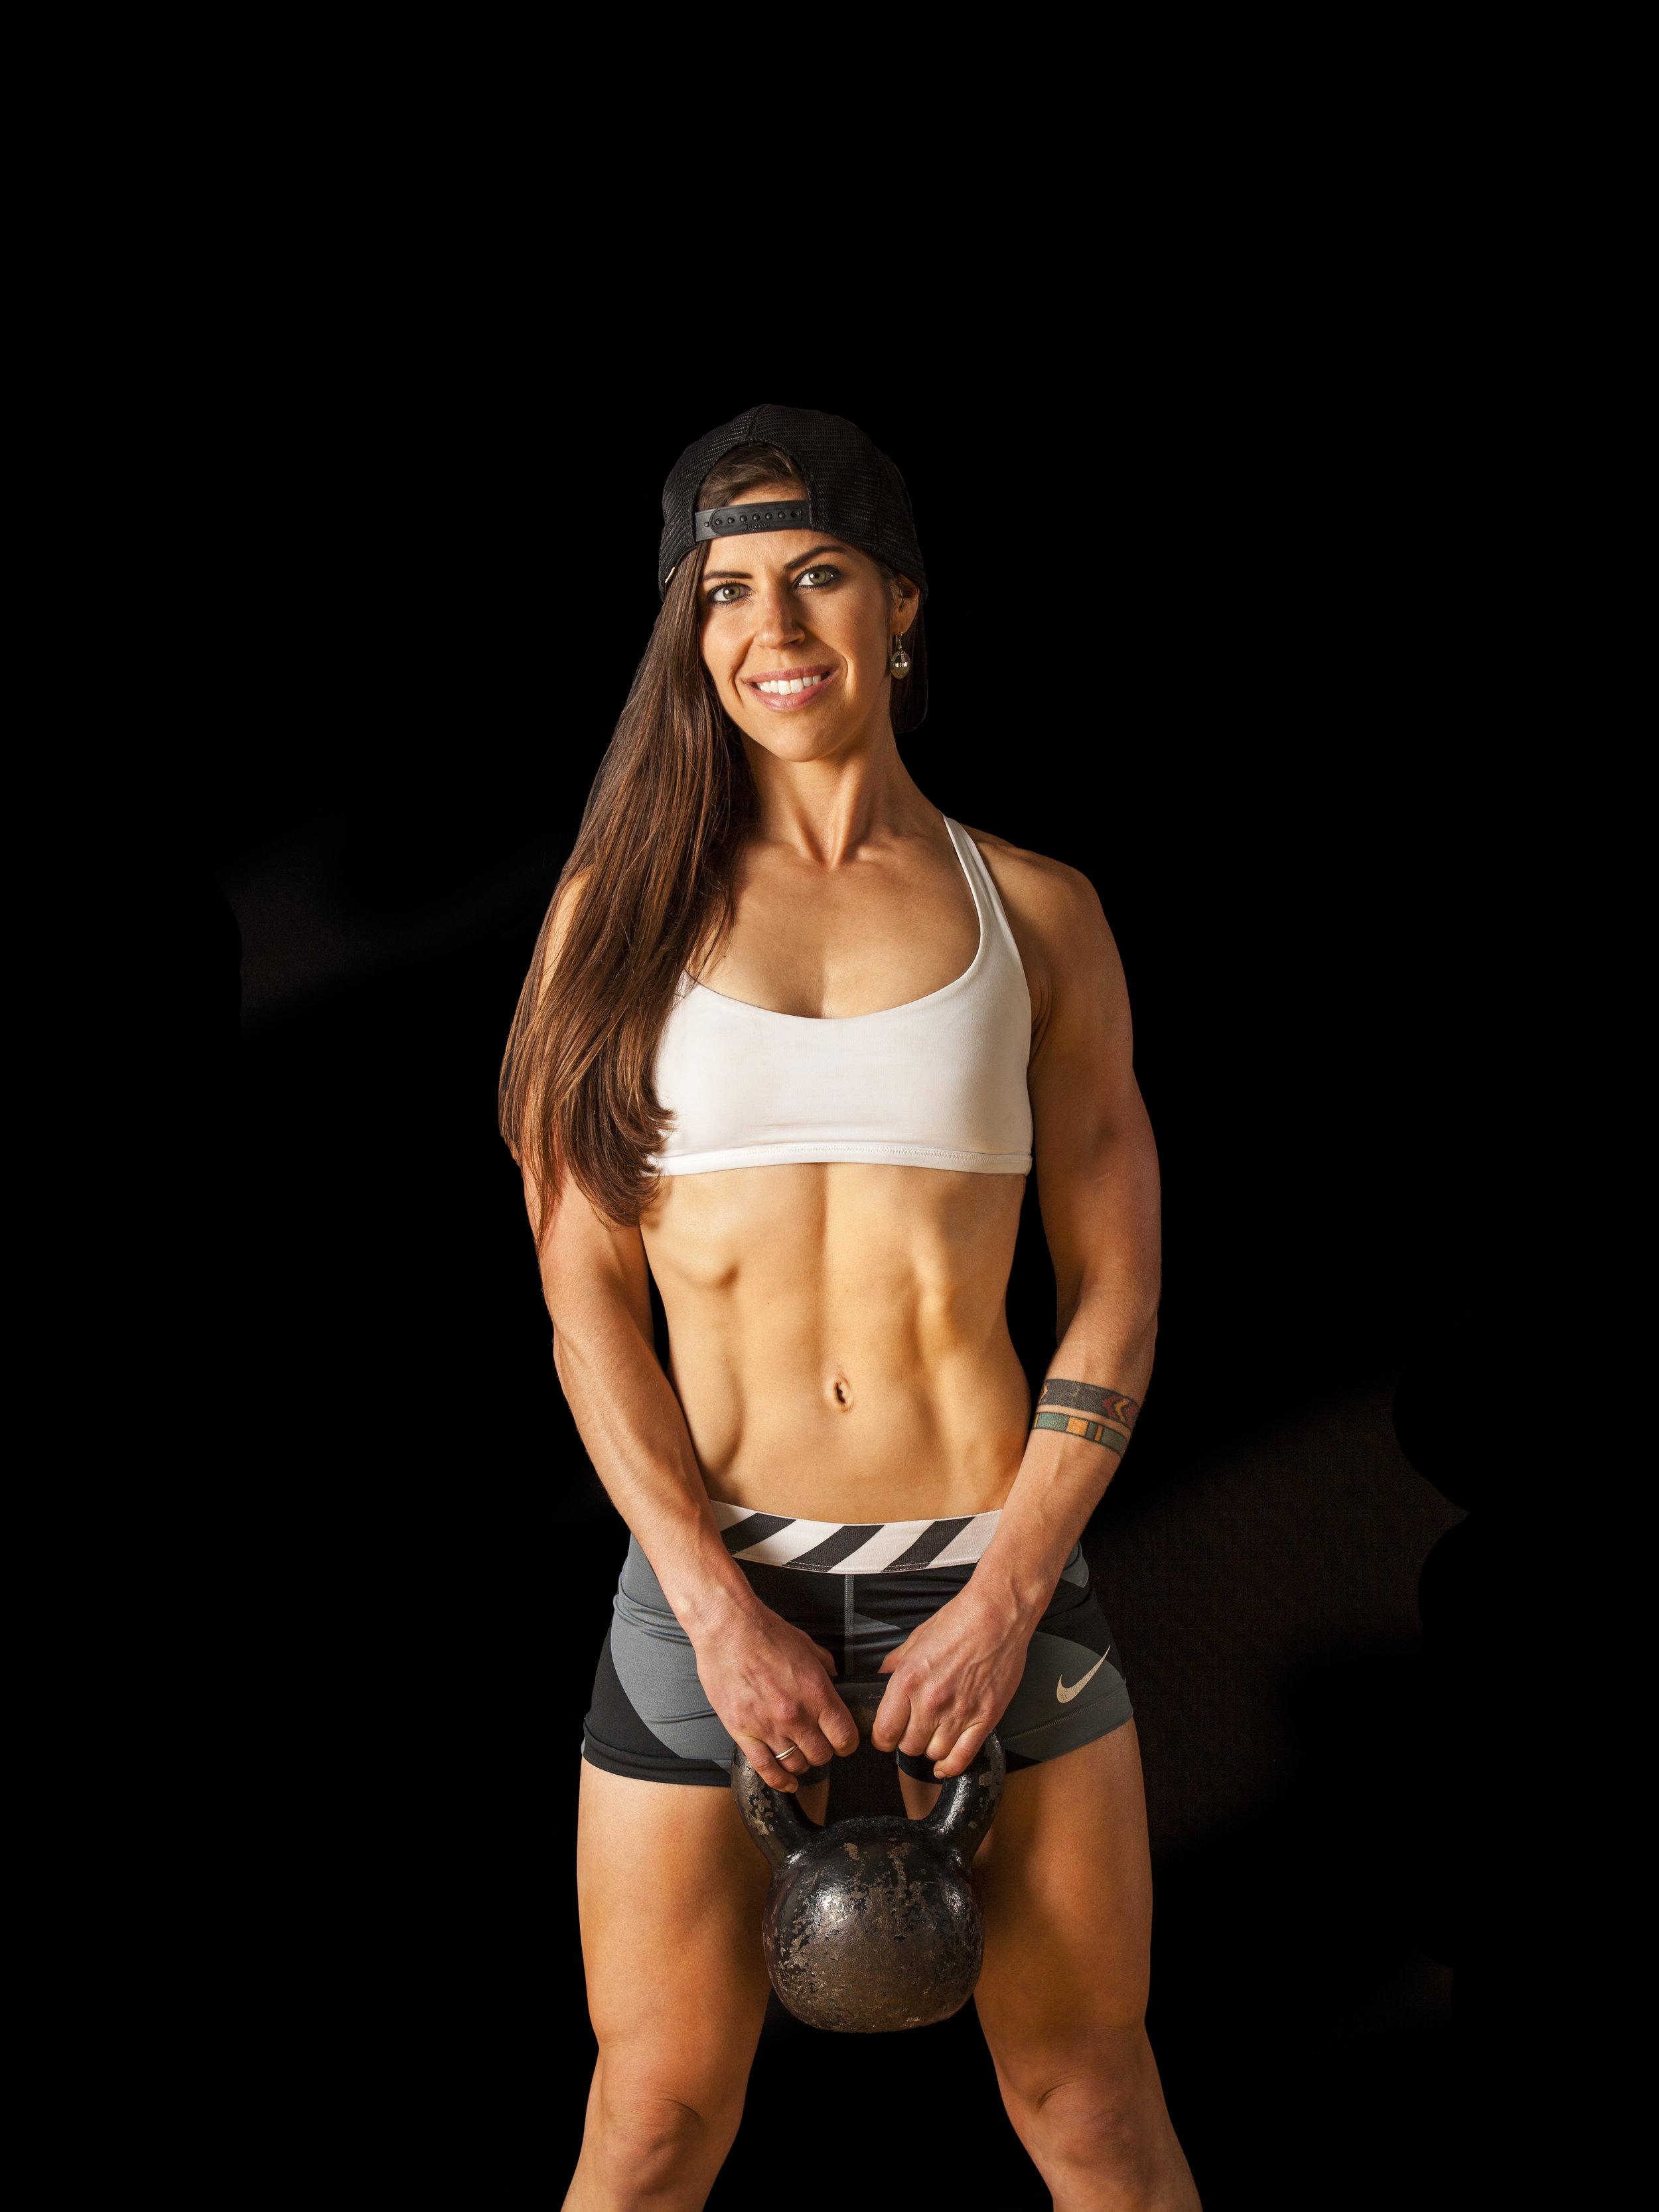 Krista Bodybuilding 6202 full edit for print--3.jpg